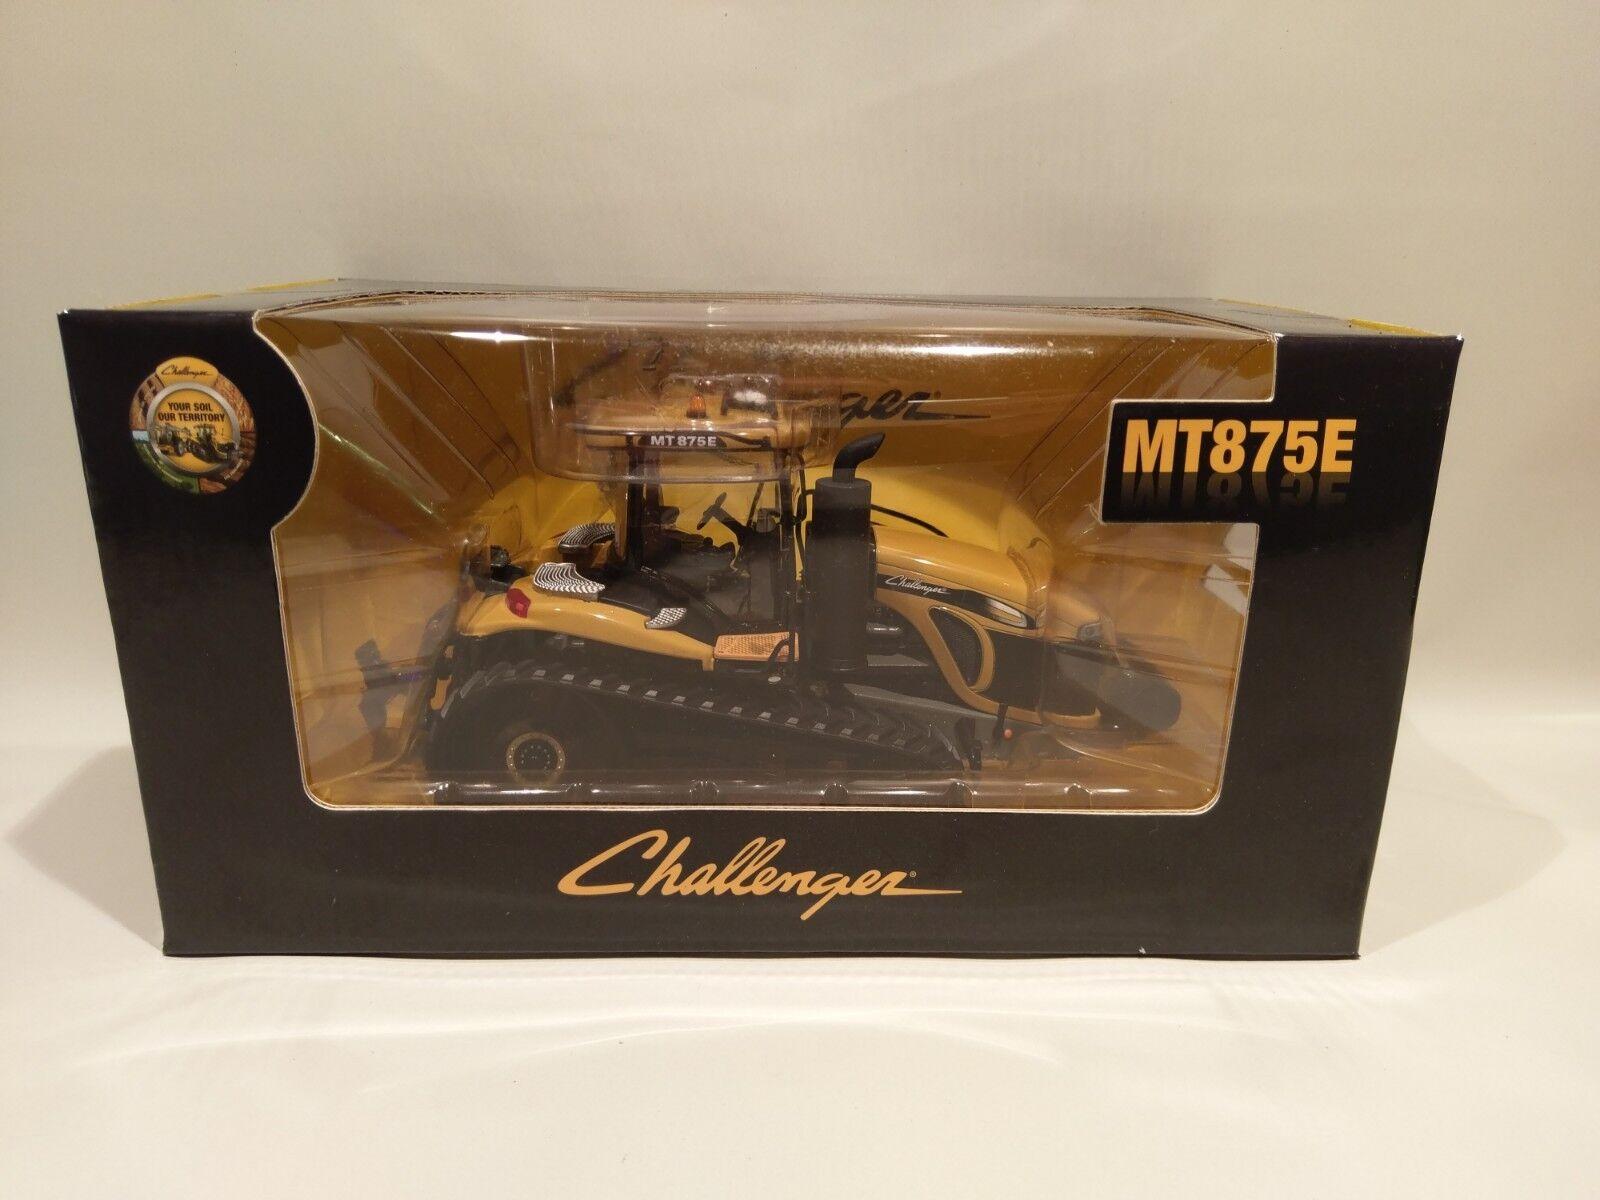 USK Challenger MT875E 1 32